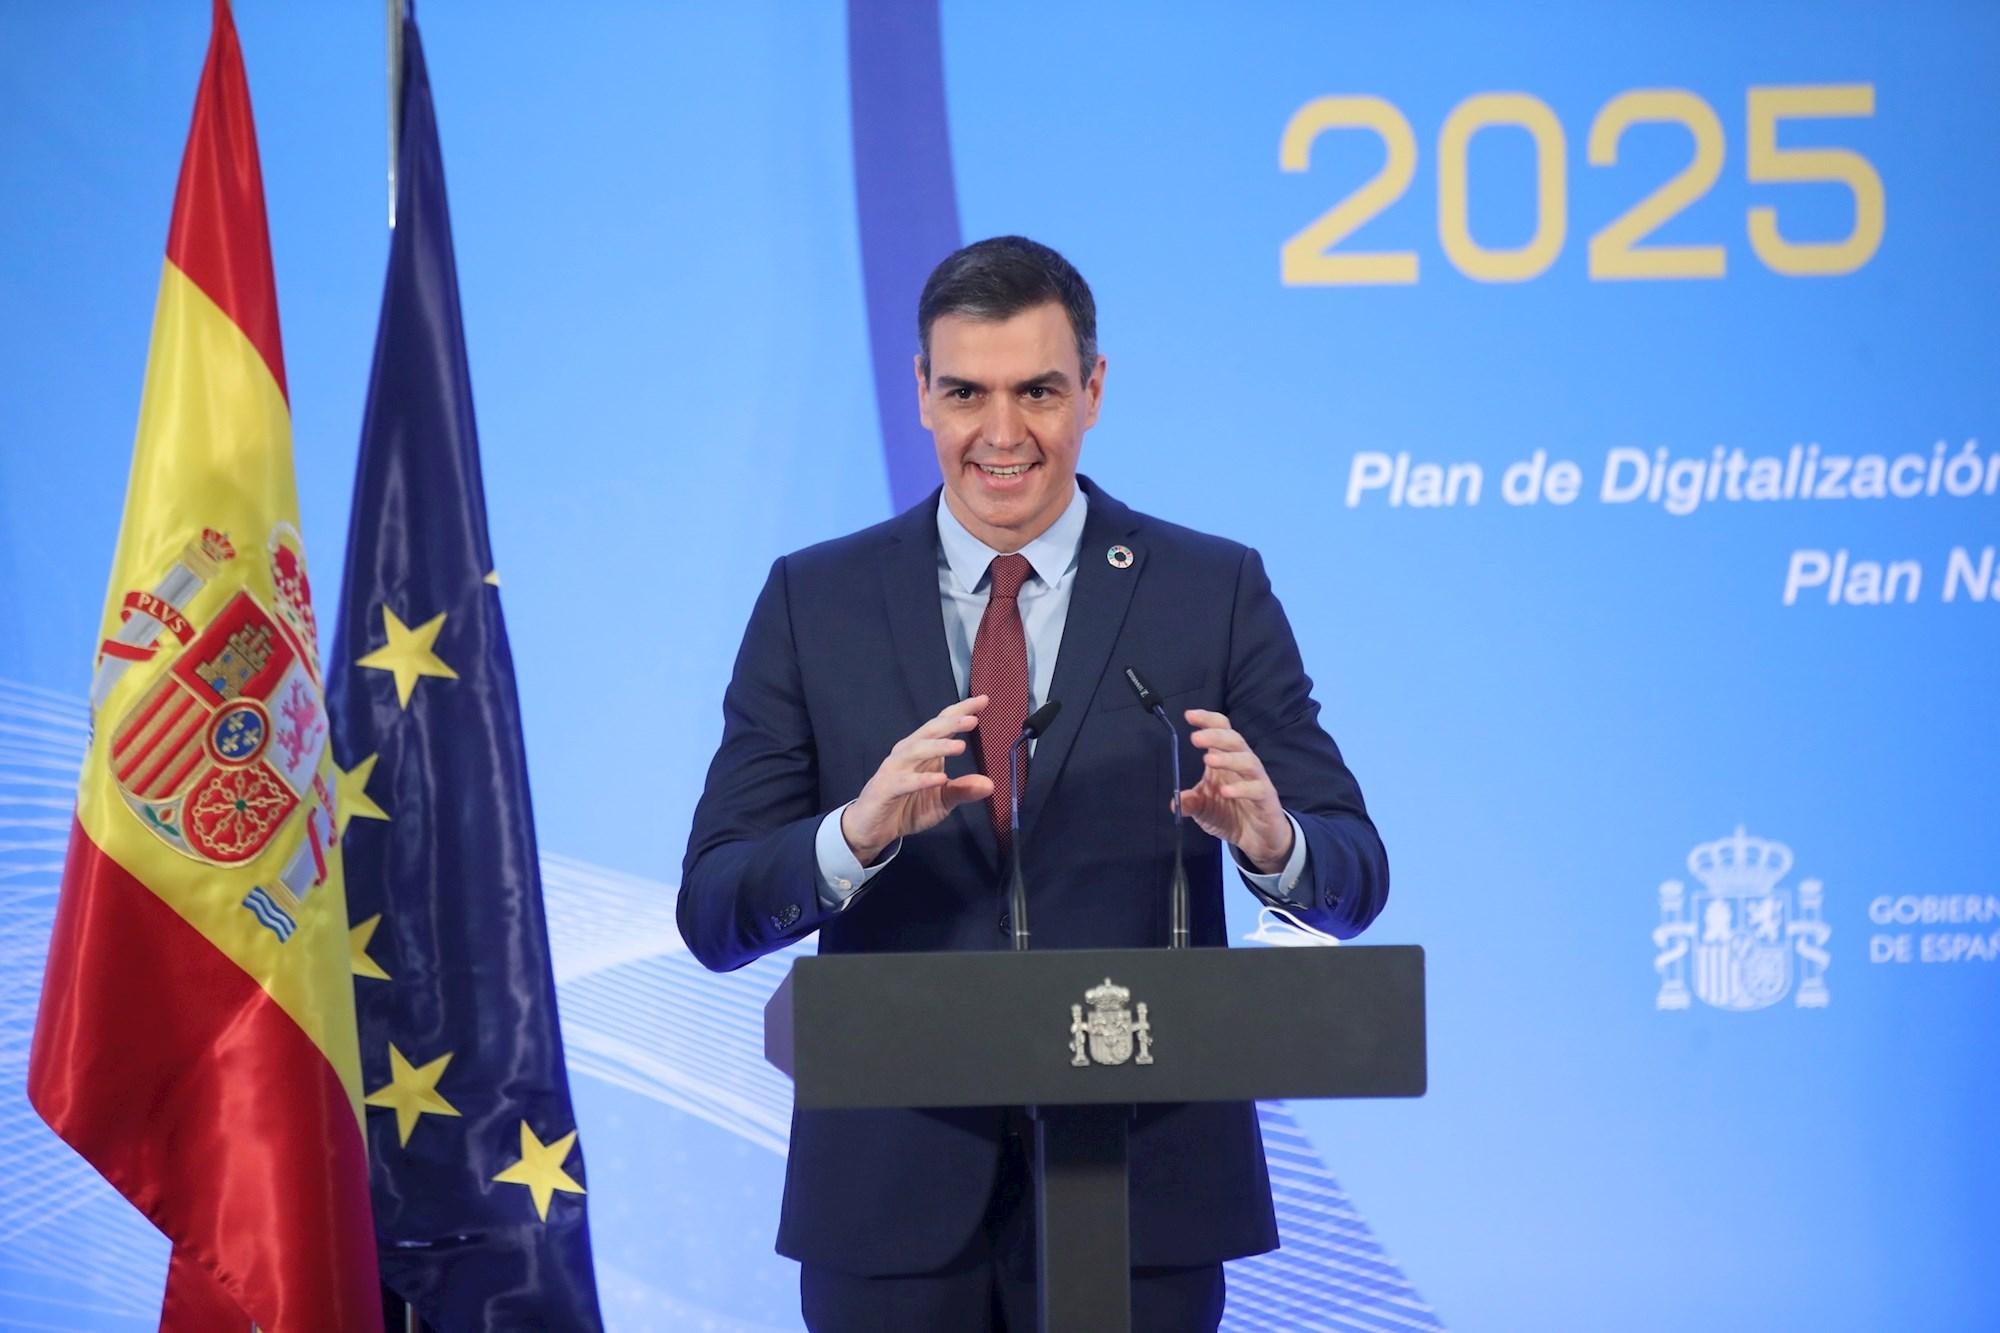 El presidente del Gobierno, Pedro Sánchez, en un acto en el Palacio de la Moncloa | EFE/DF